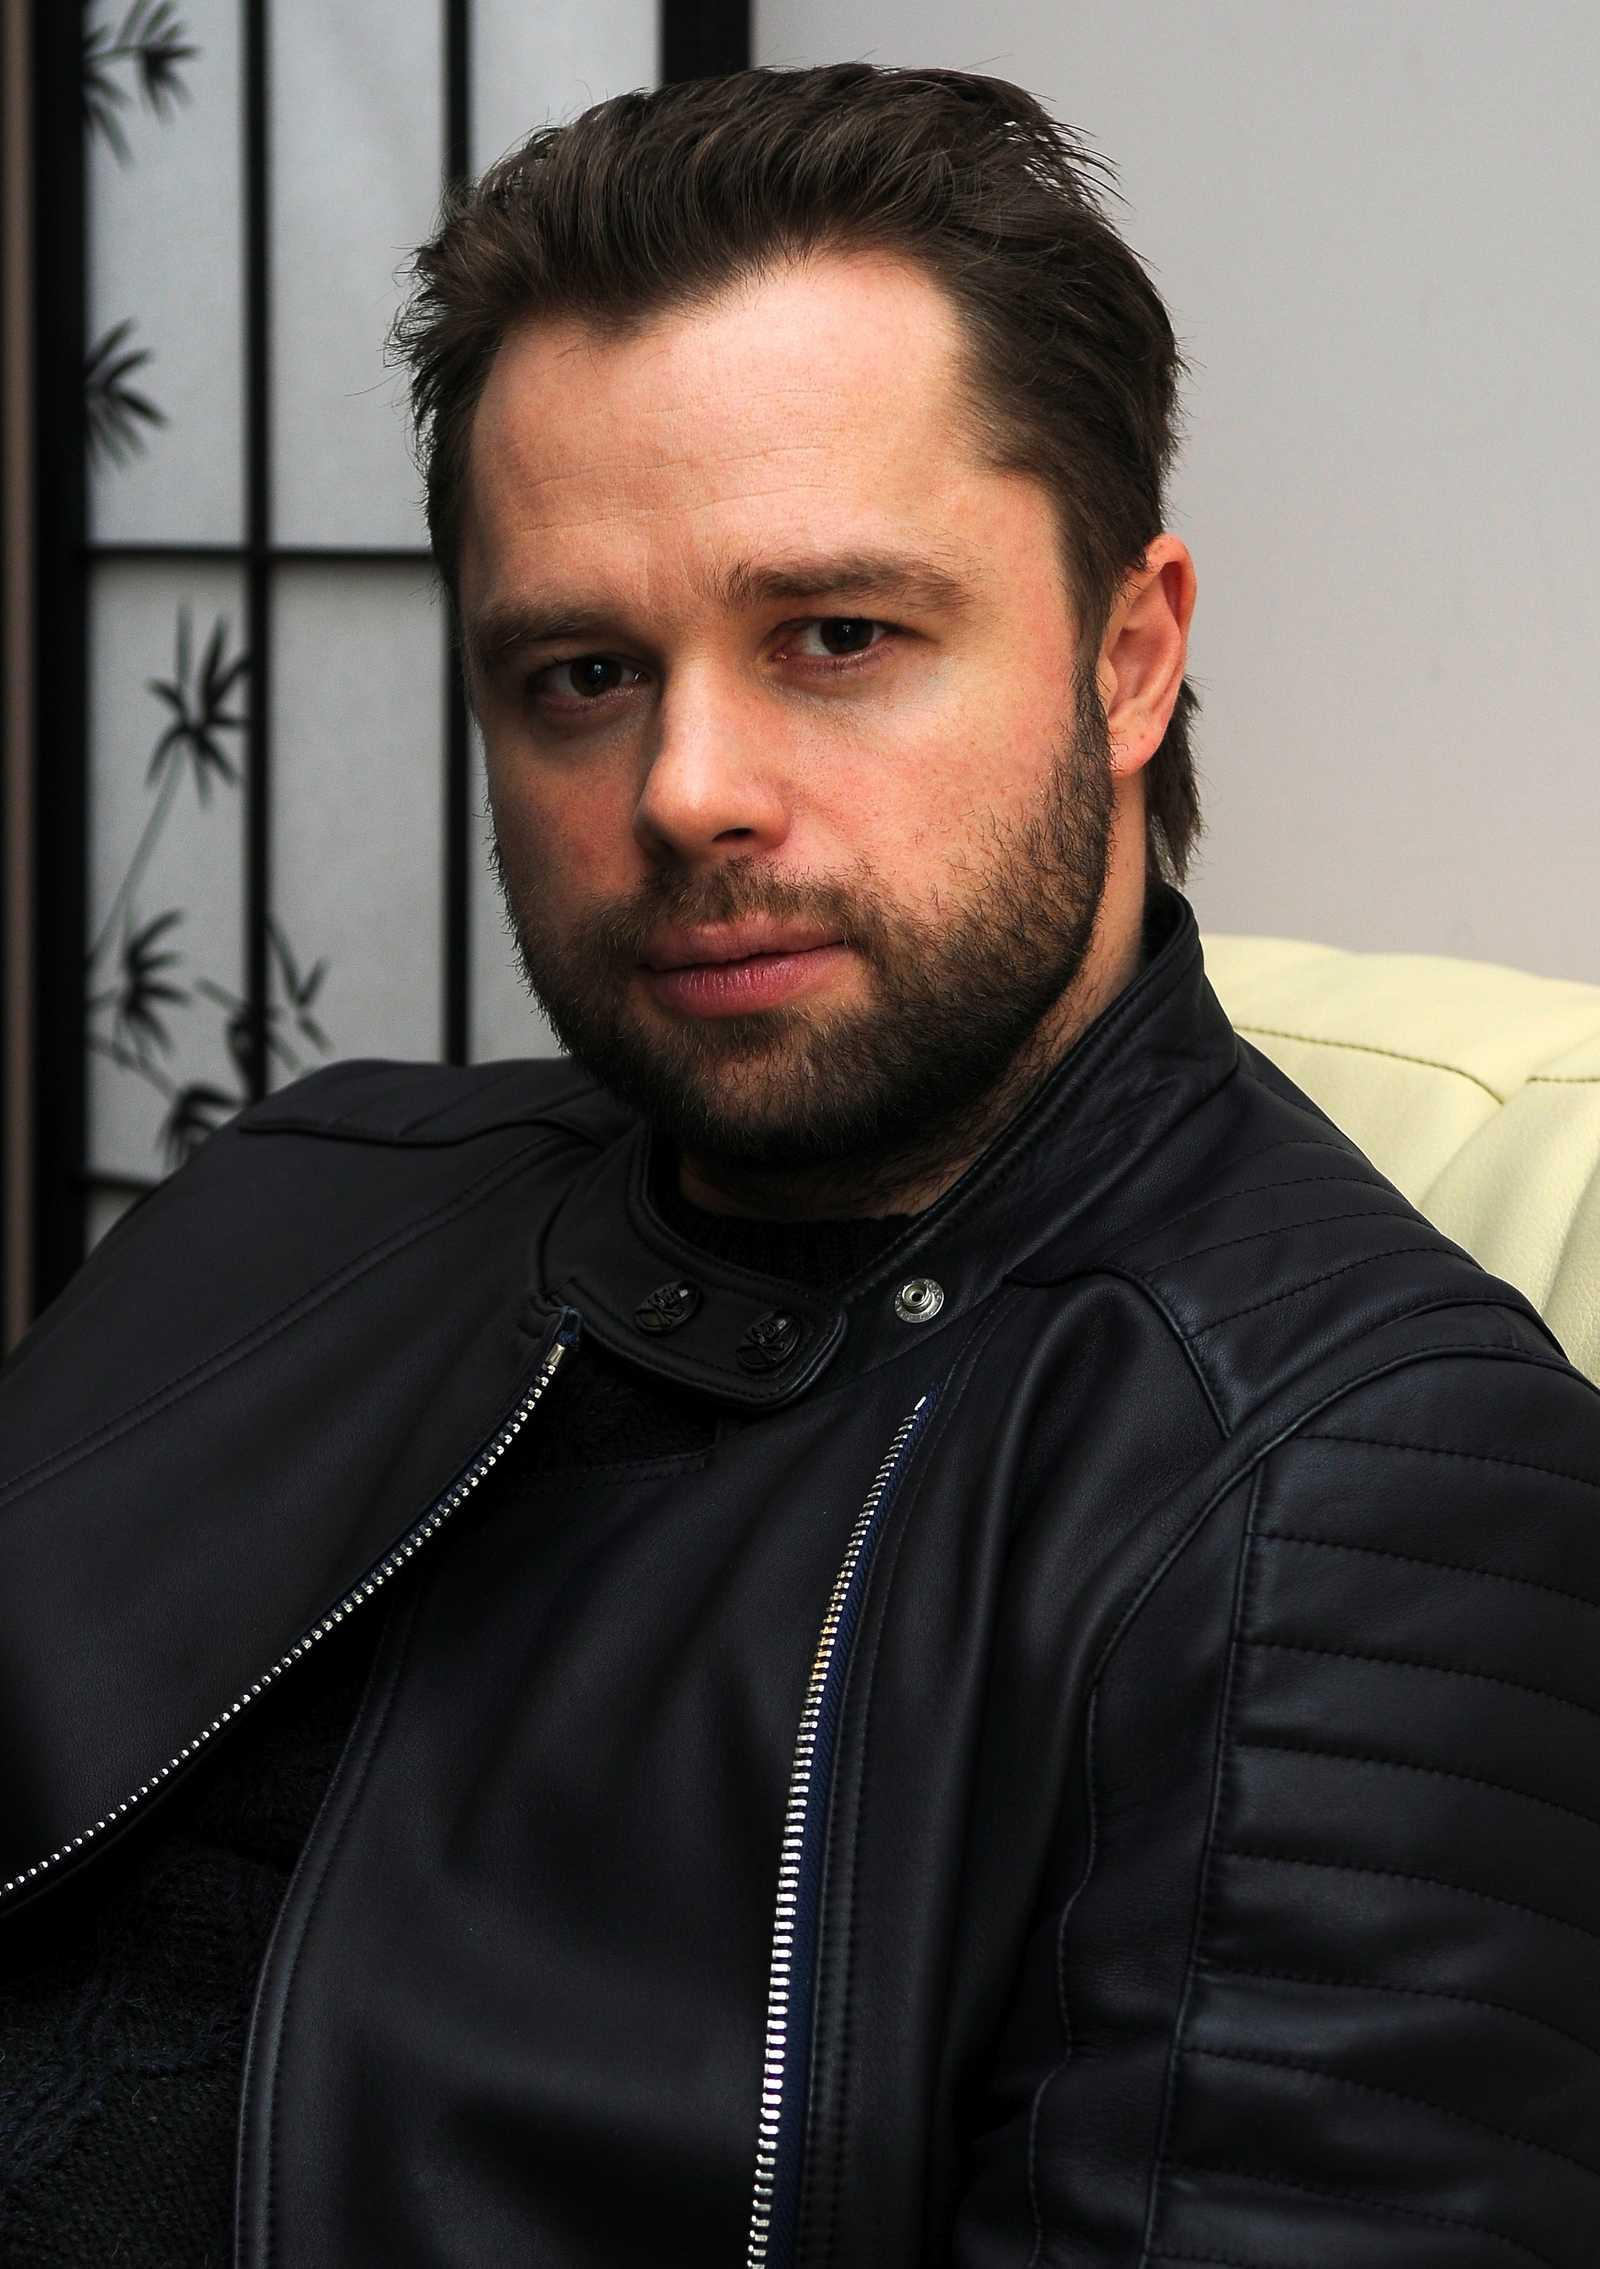 Виталий Гогунский удивился признанию экс-супруги об алиментах